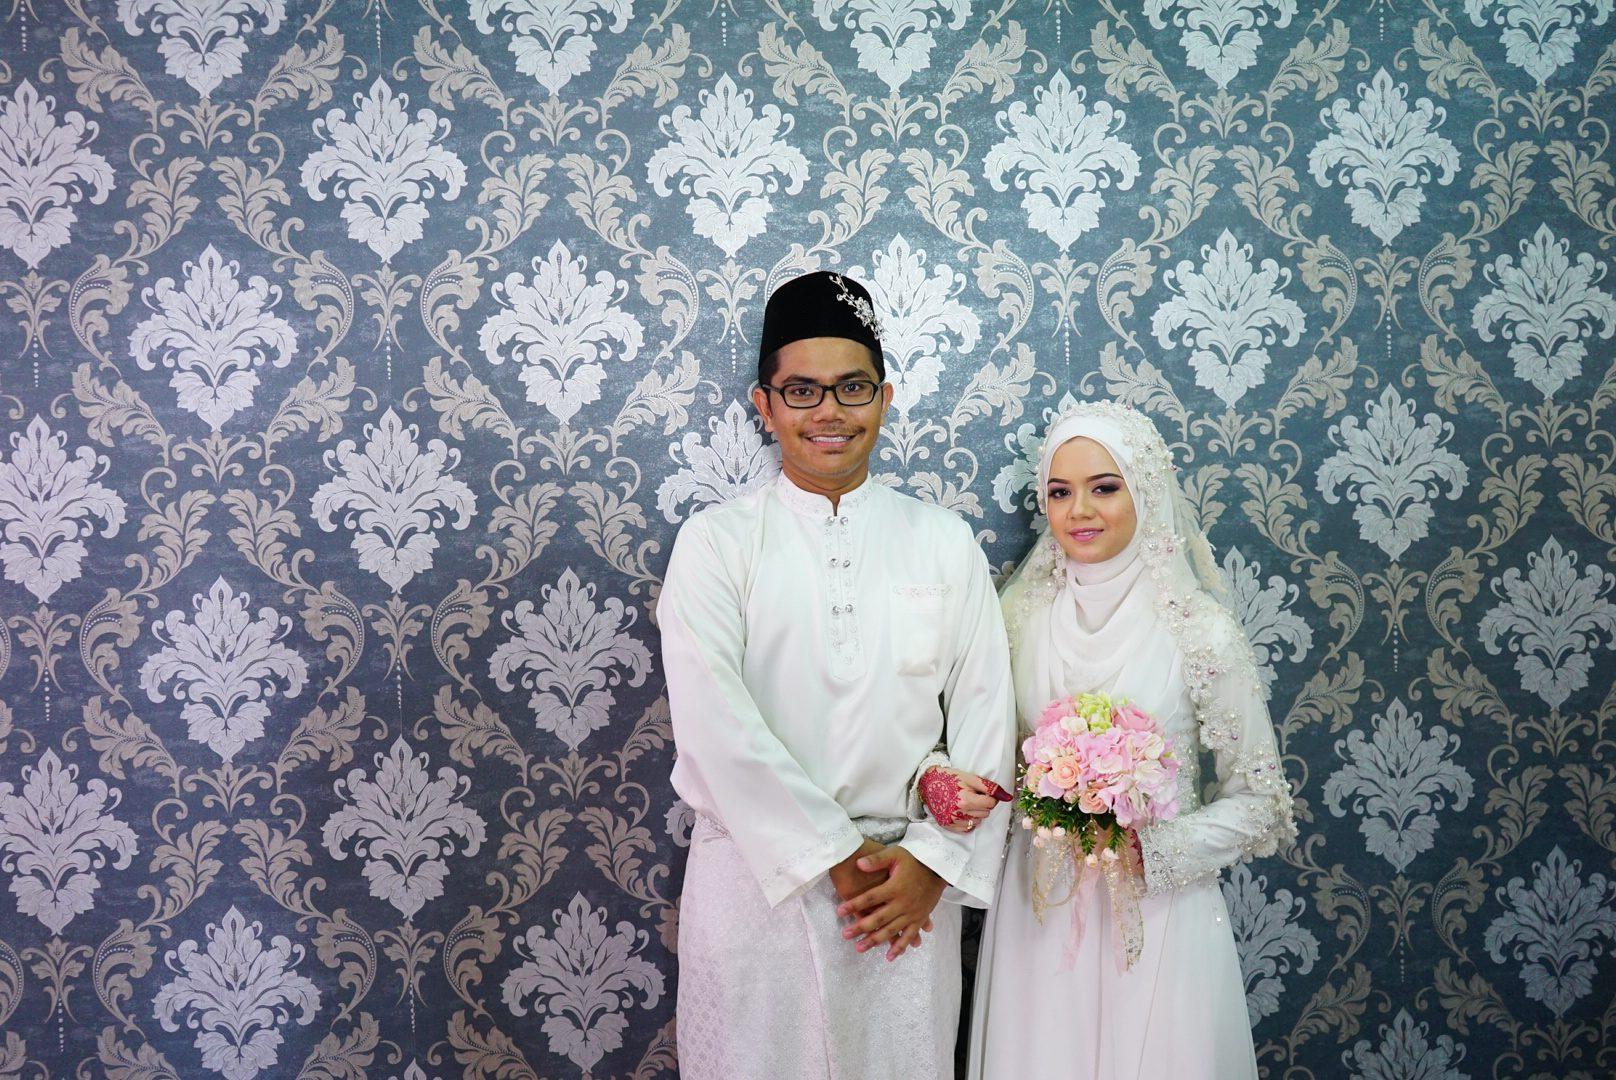 Syazwani & Ezwan #wedding #photo